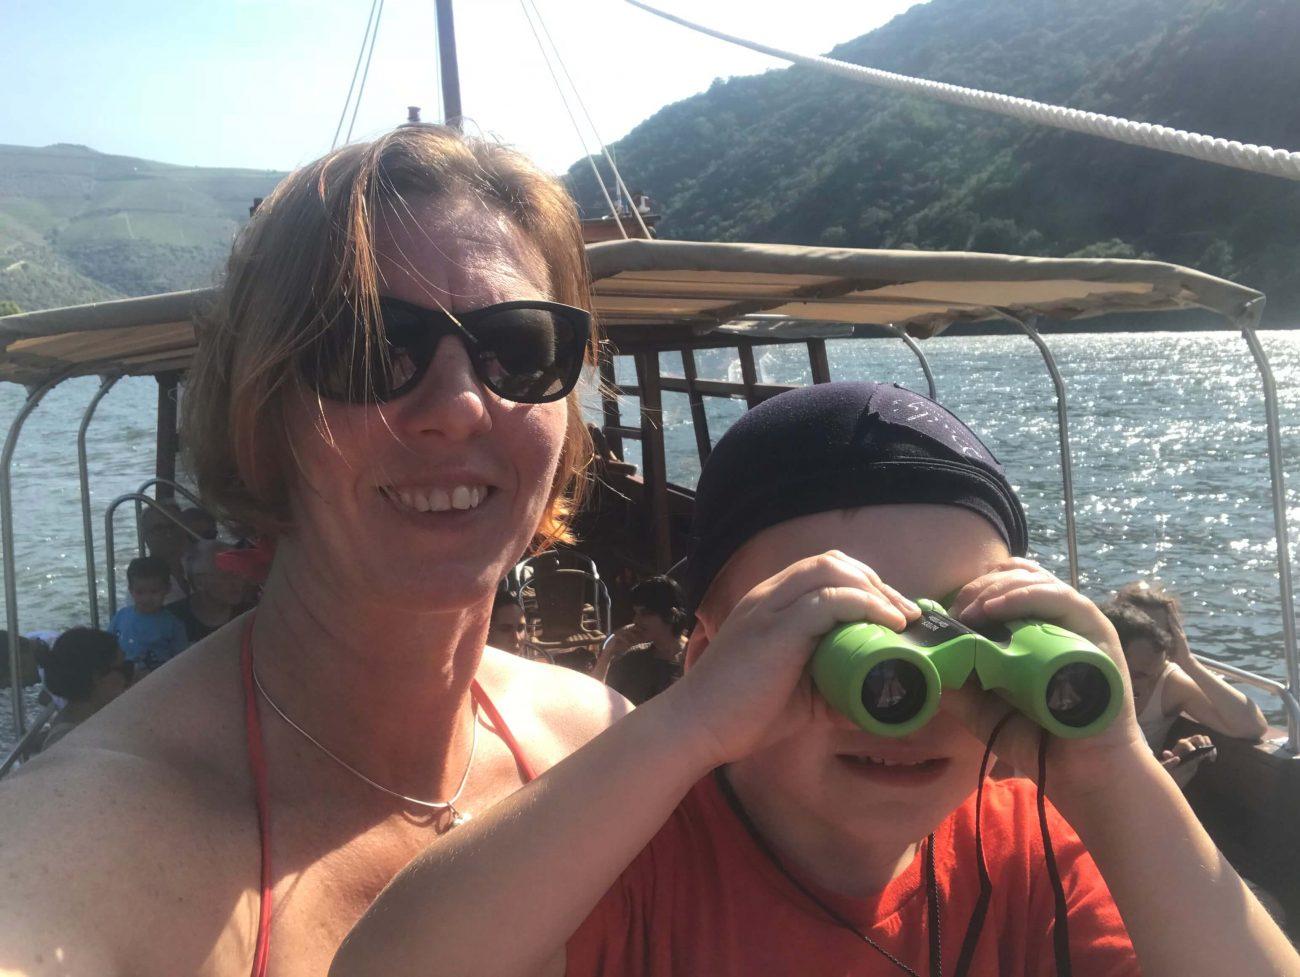 Bootsfahrt auf dem Douro in einem Rabelos Boot- mit einem Fernglas sieht man besser